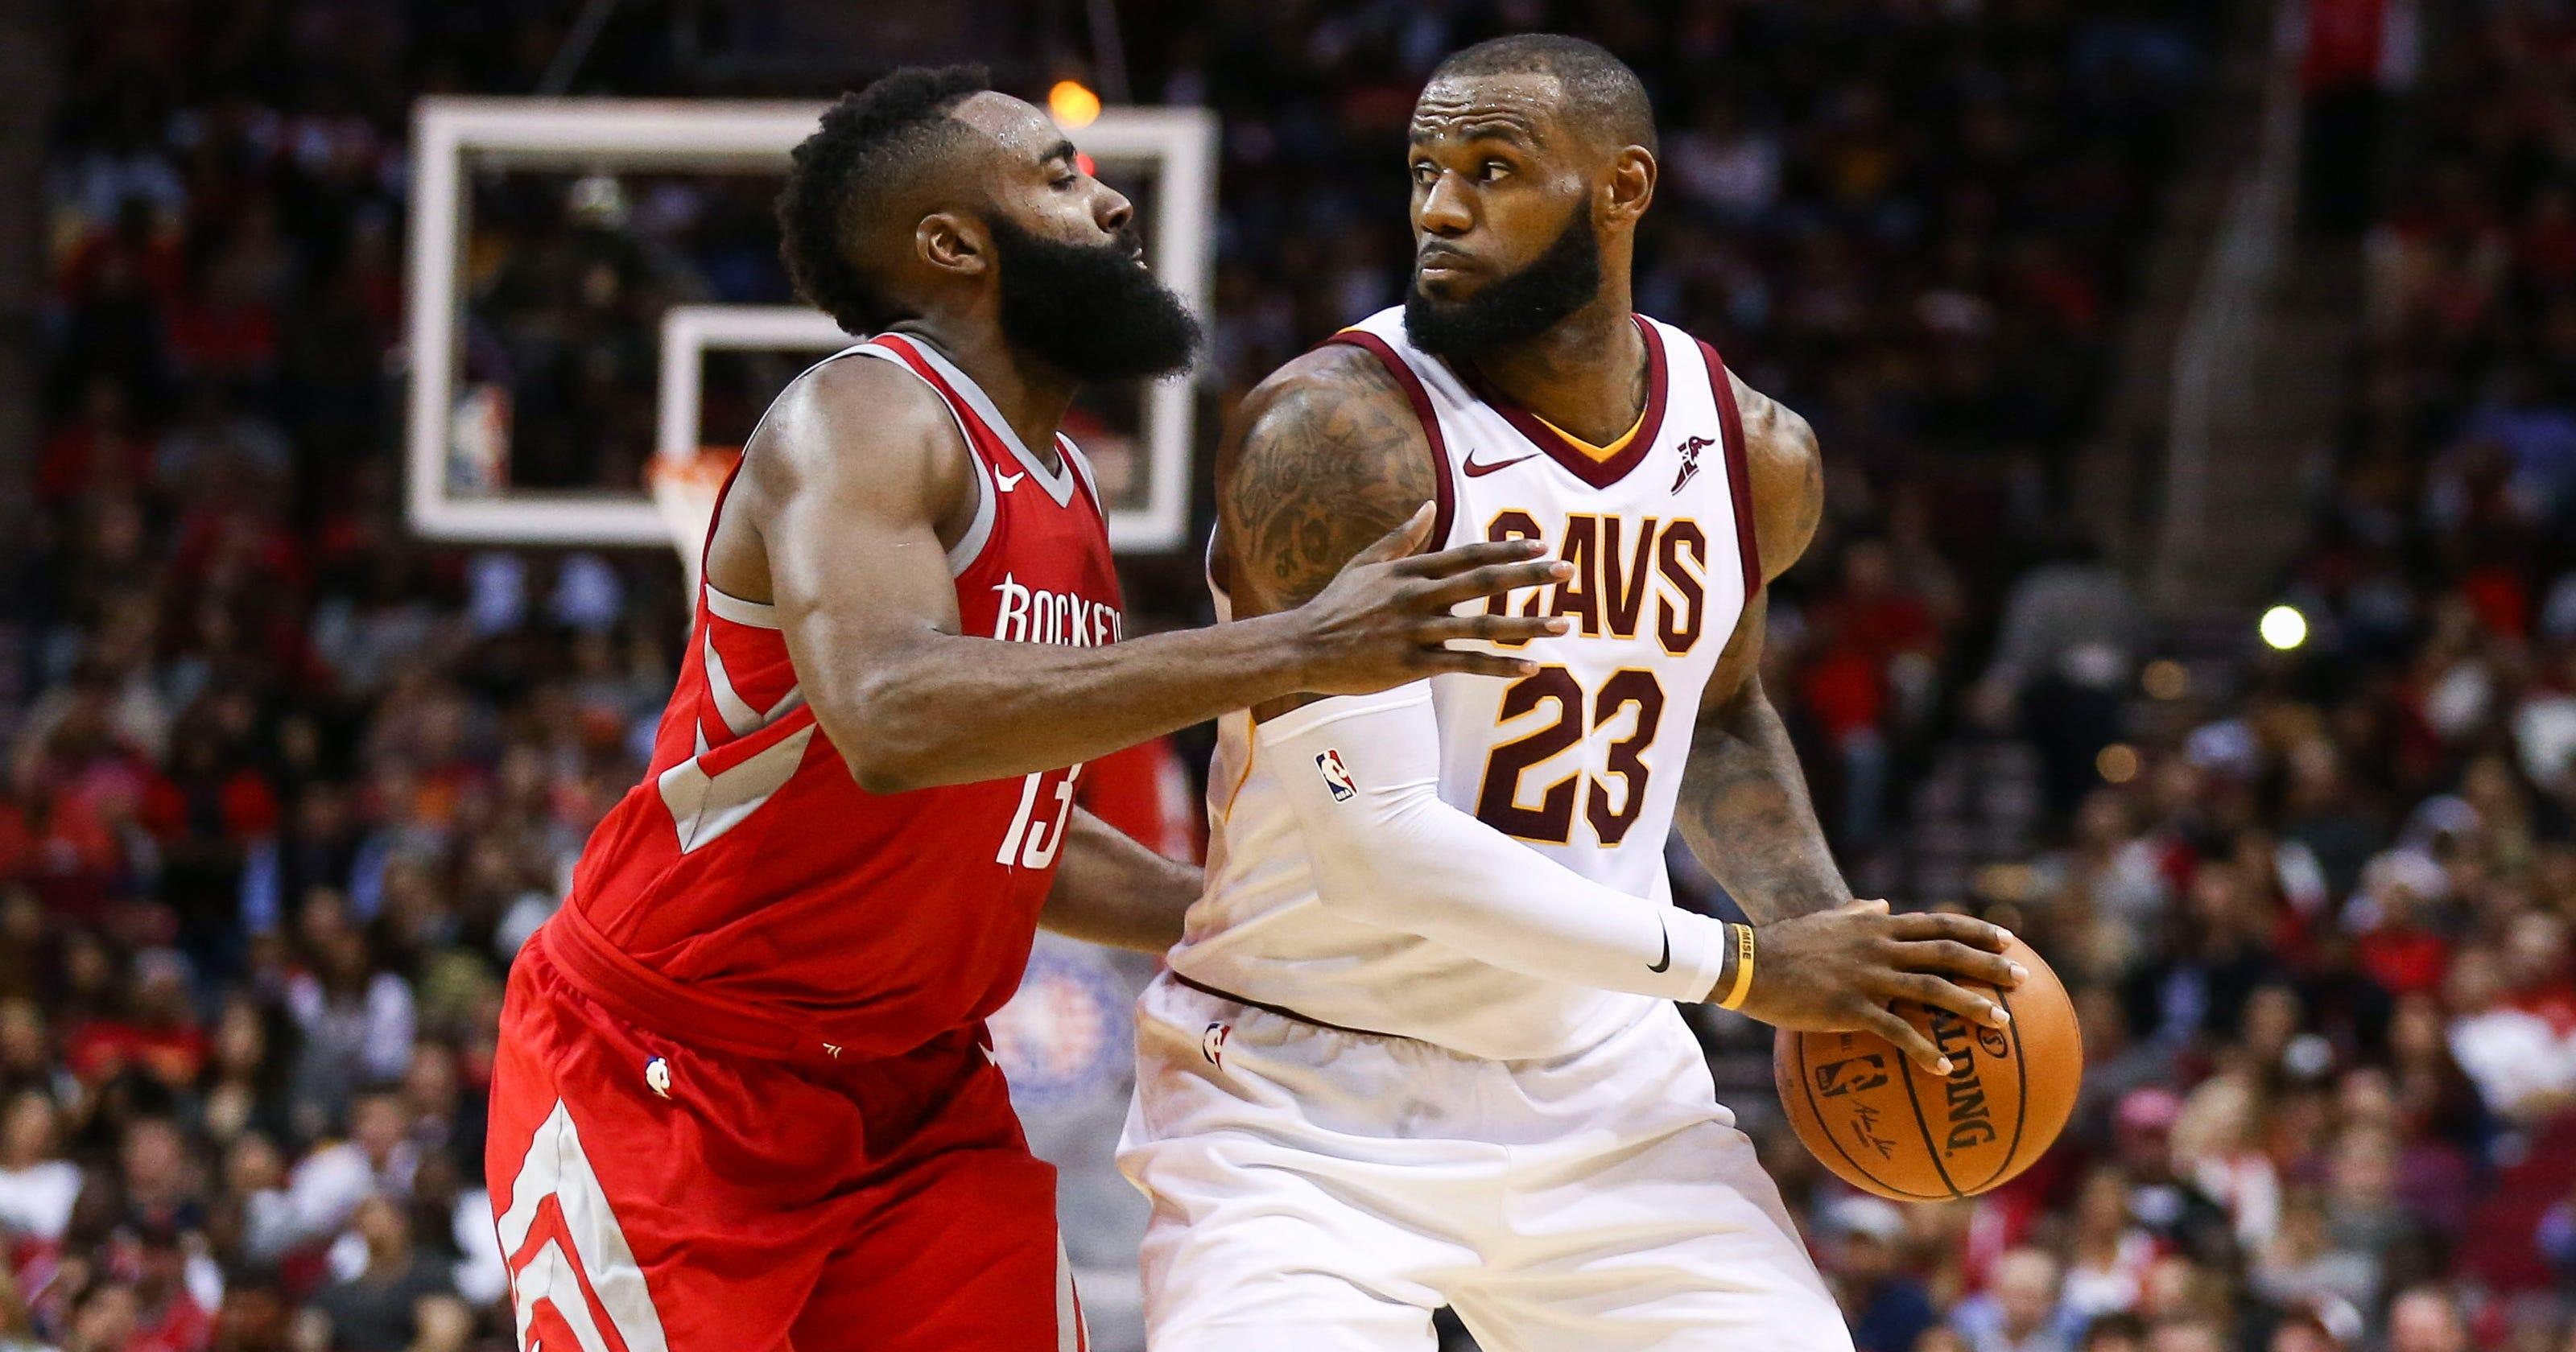 NBA s 15 best surprises  Cavs bba7122c0